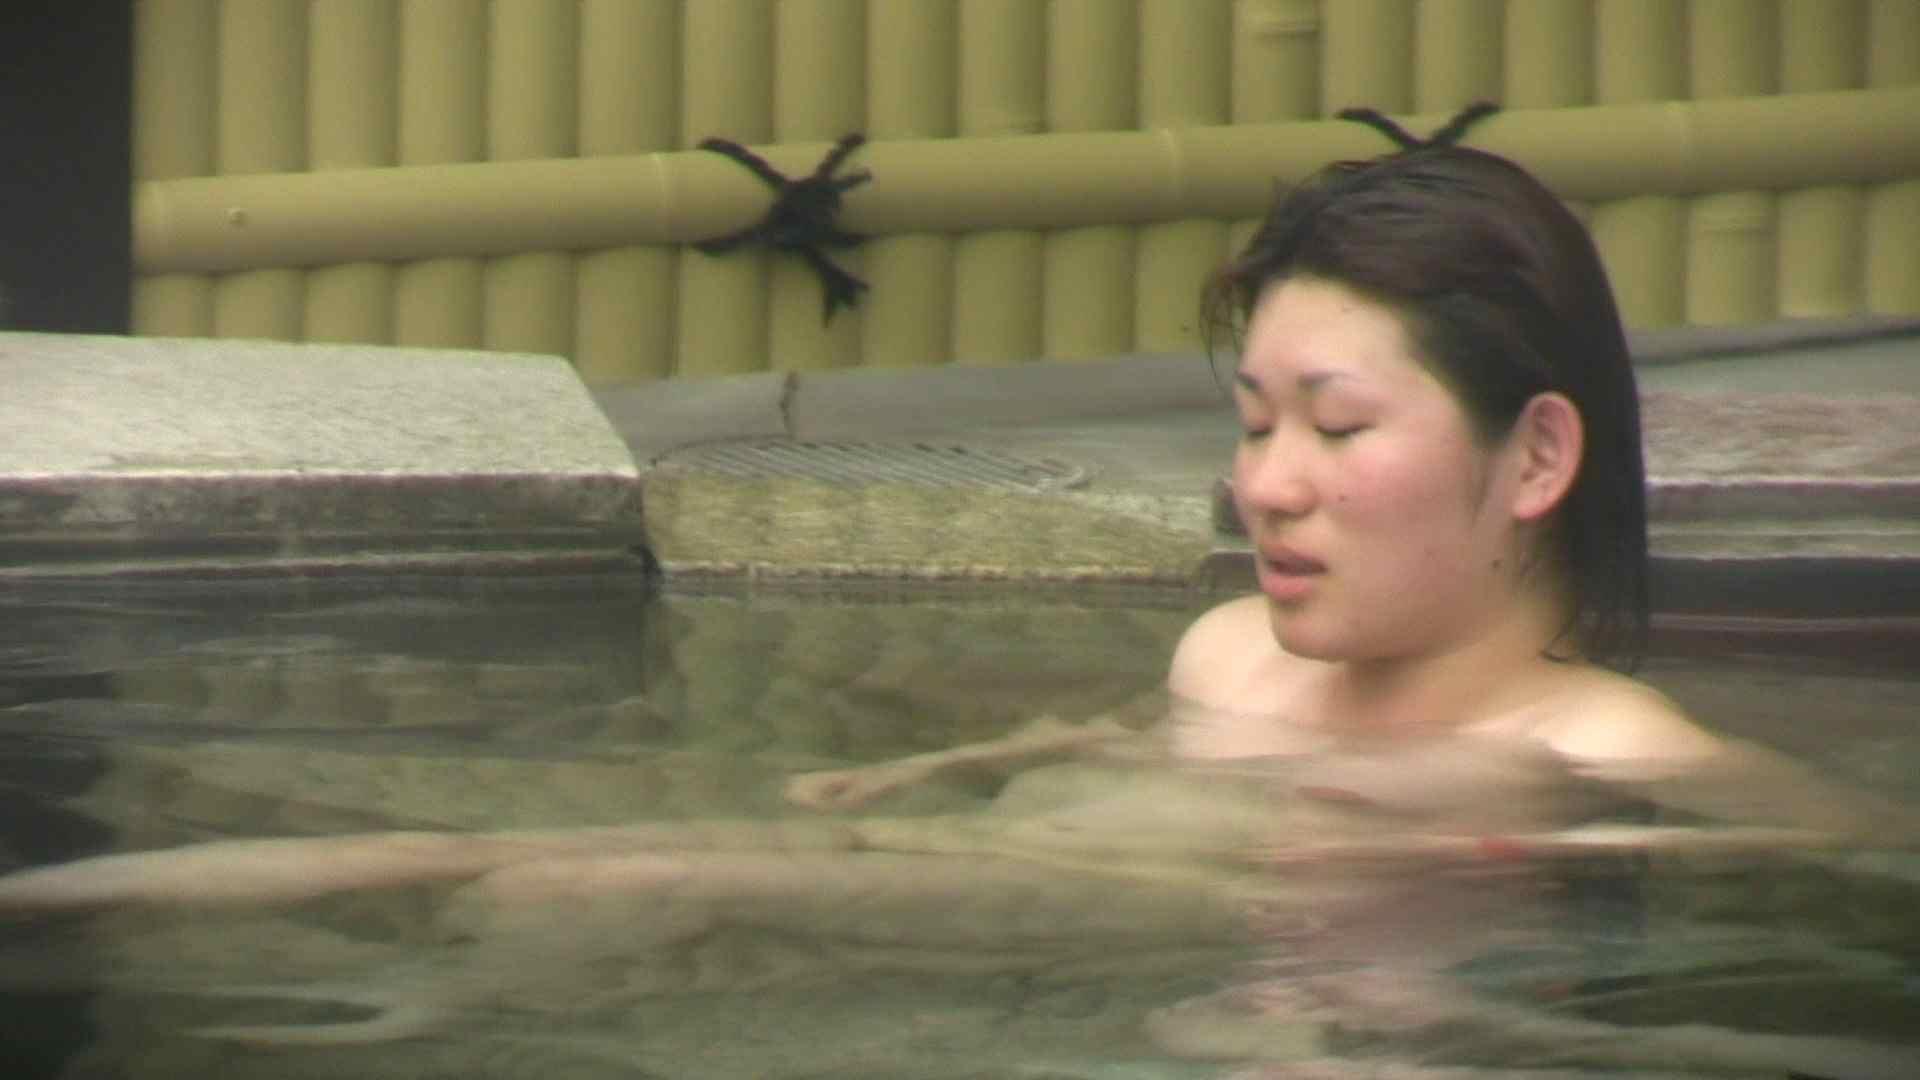 Aquaな露天風呂Vol.673 OLエロ画像 | 盗撮  104PICs 70